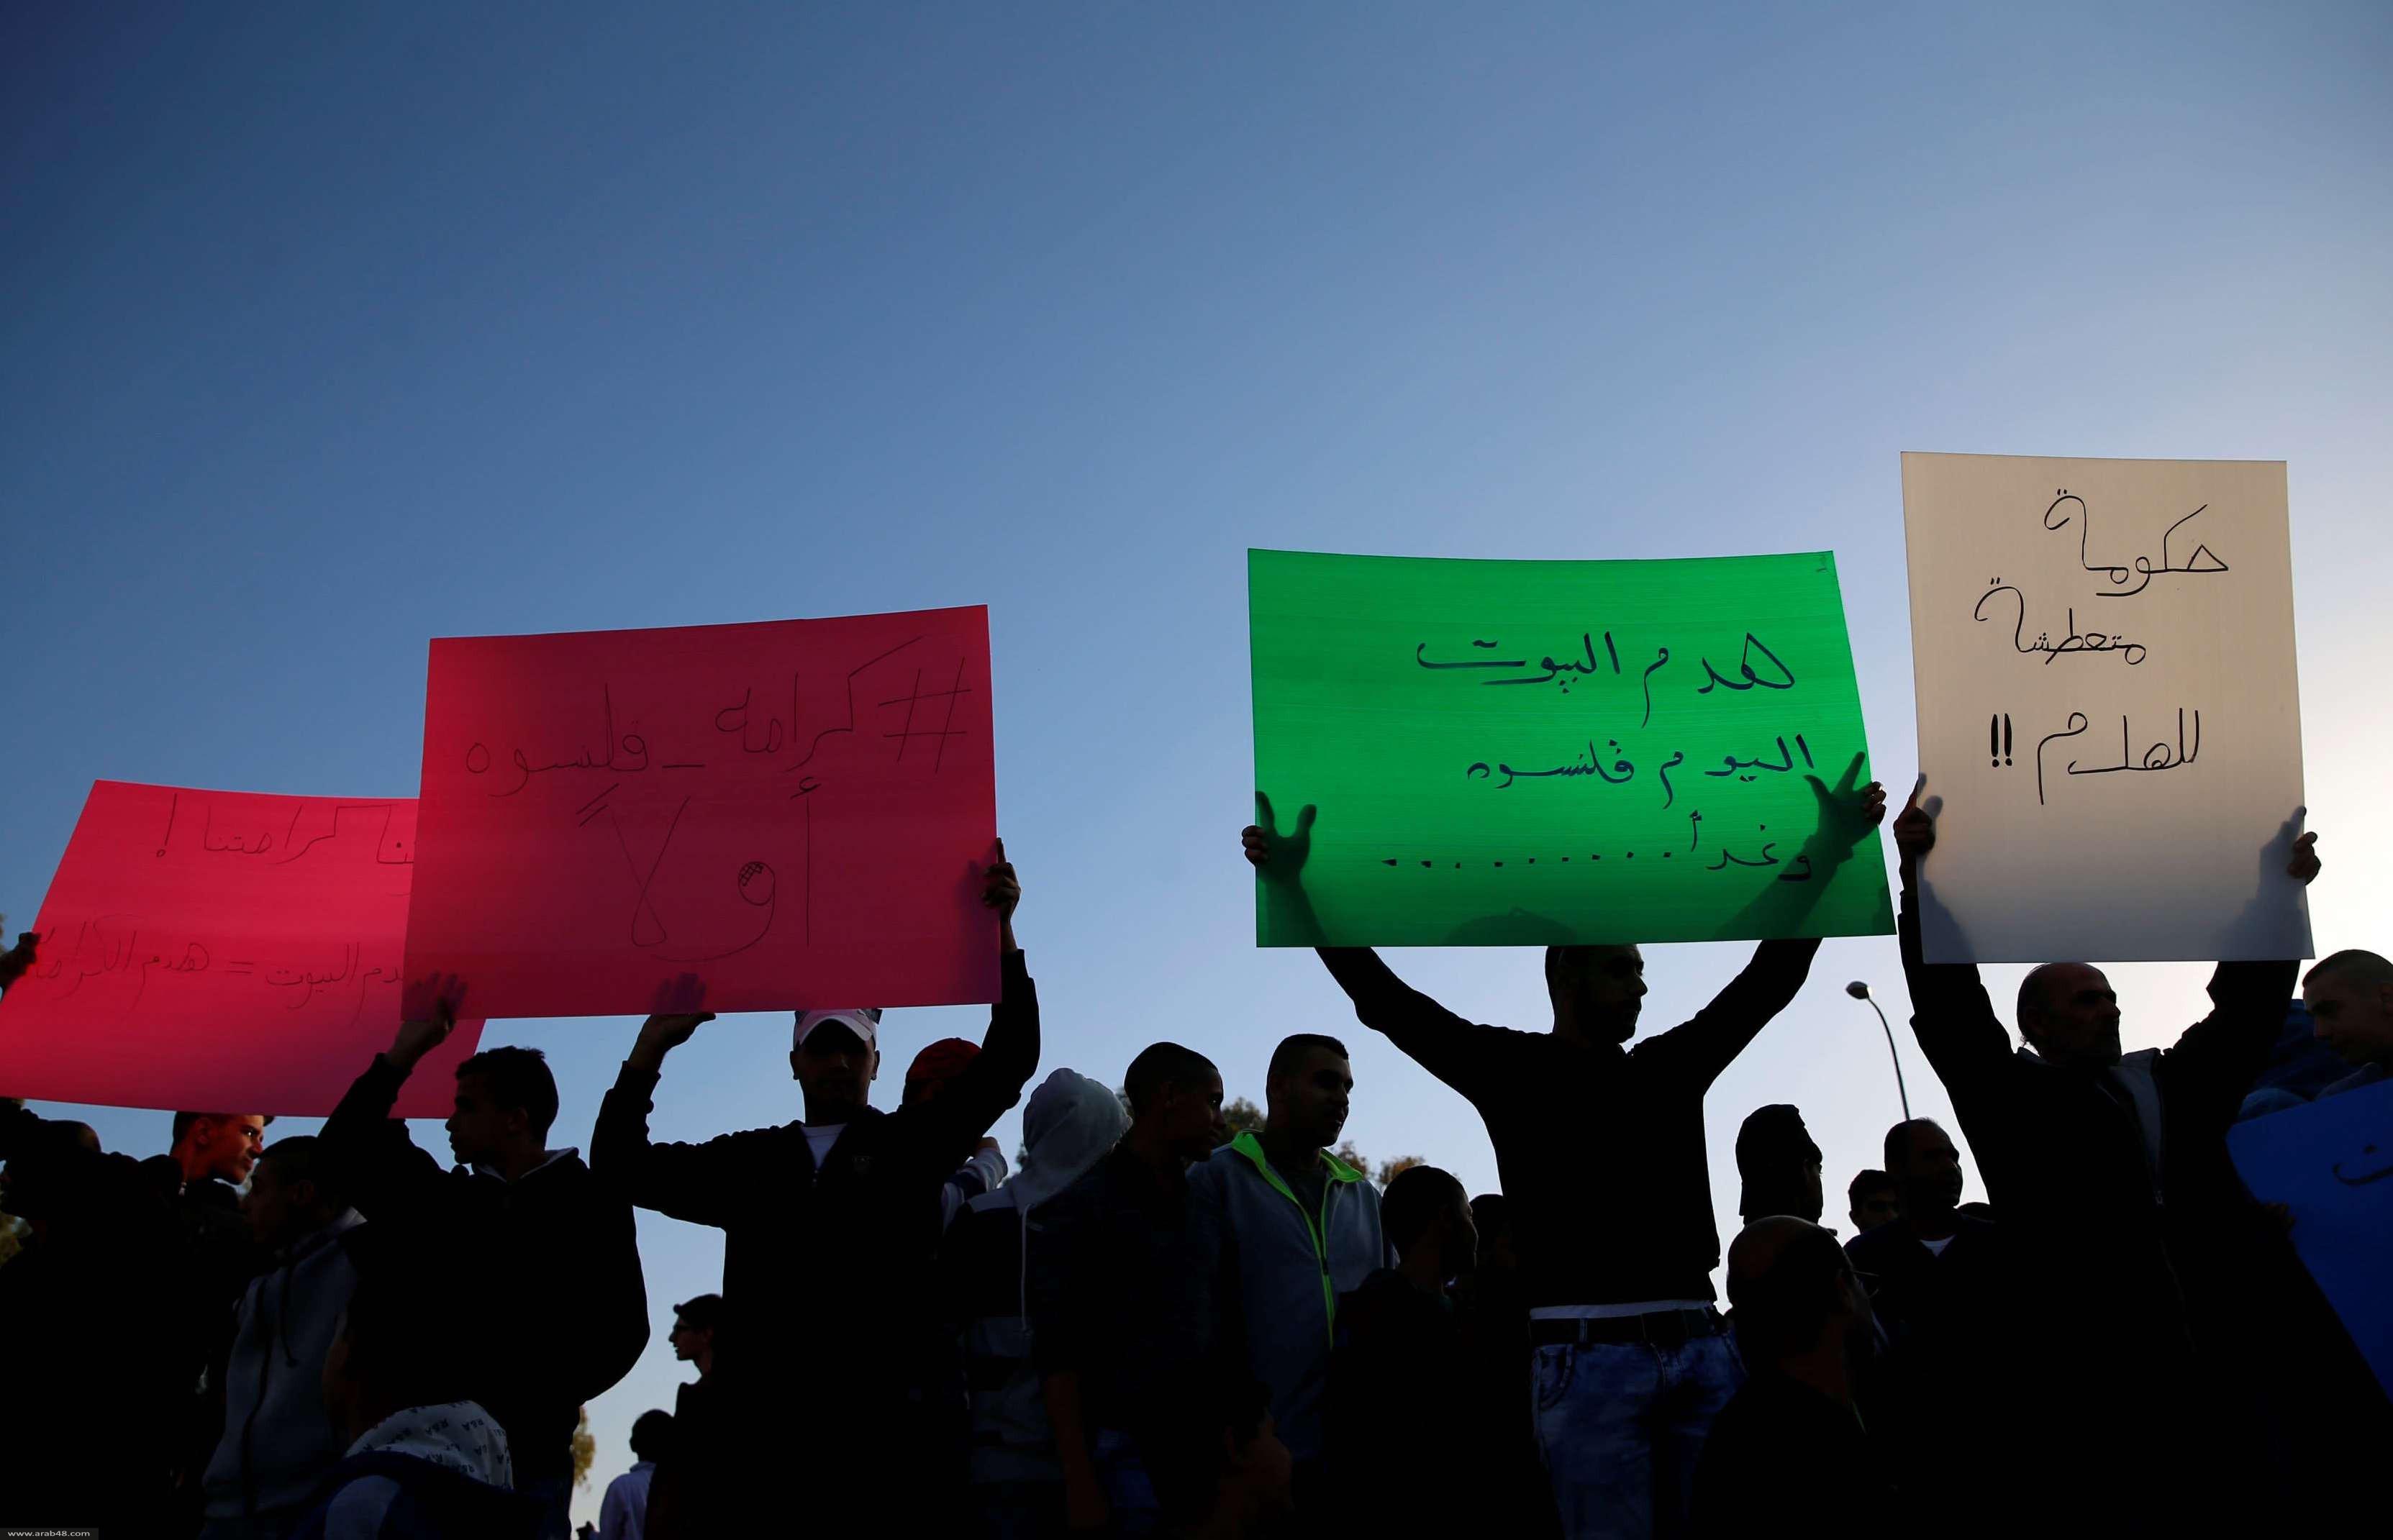 قبل الإضراب المقبل: 3 ملاحظات